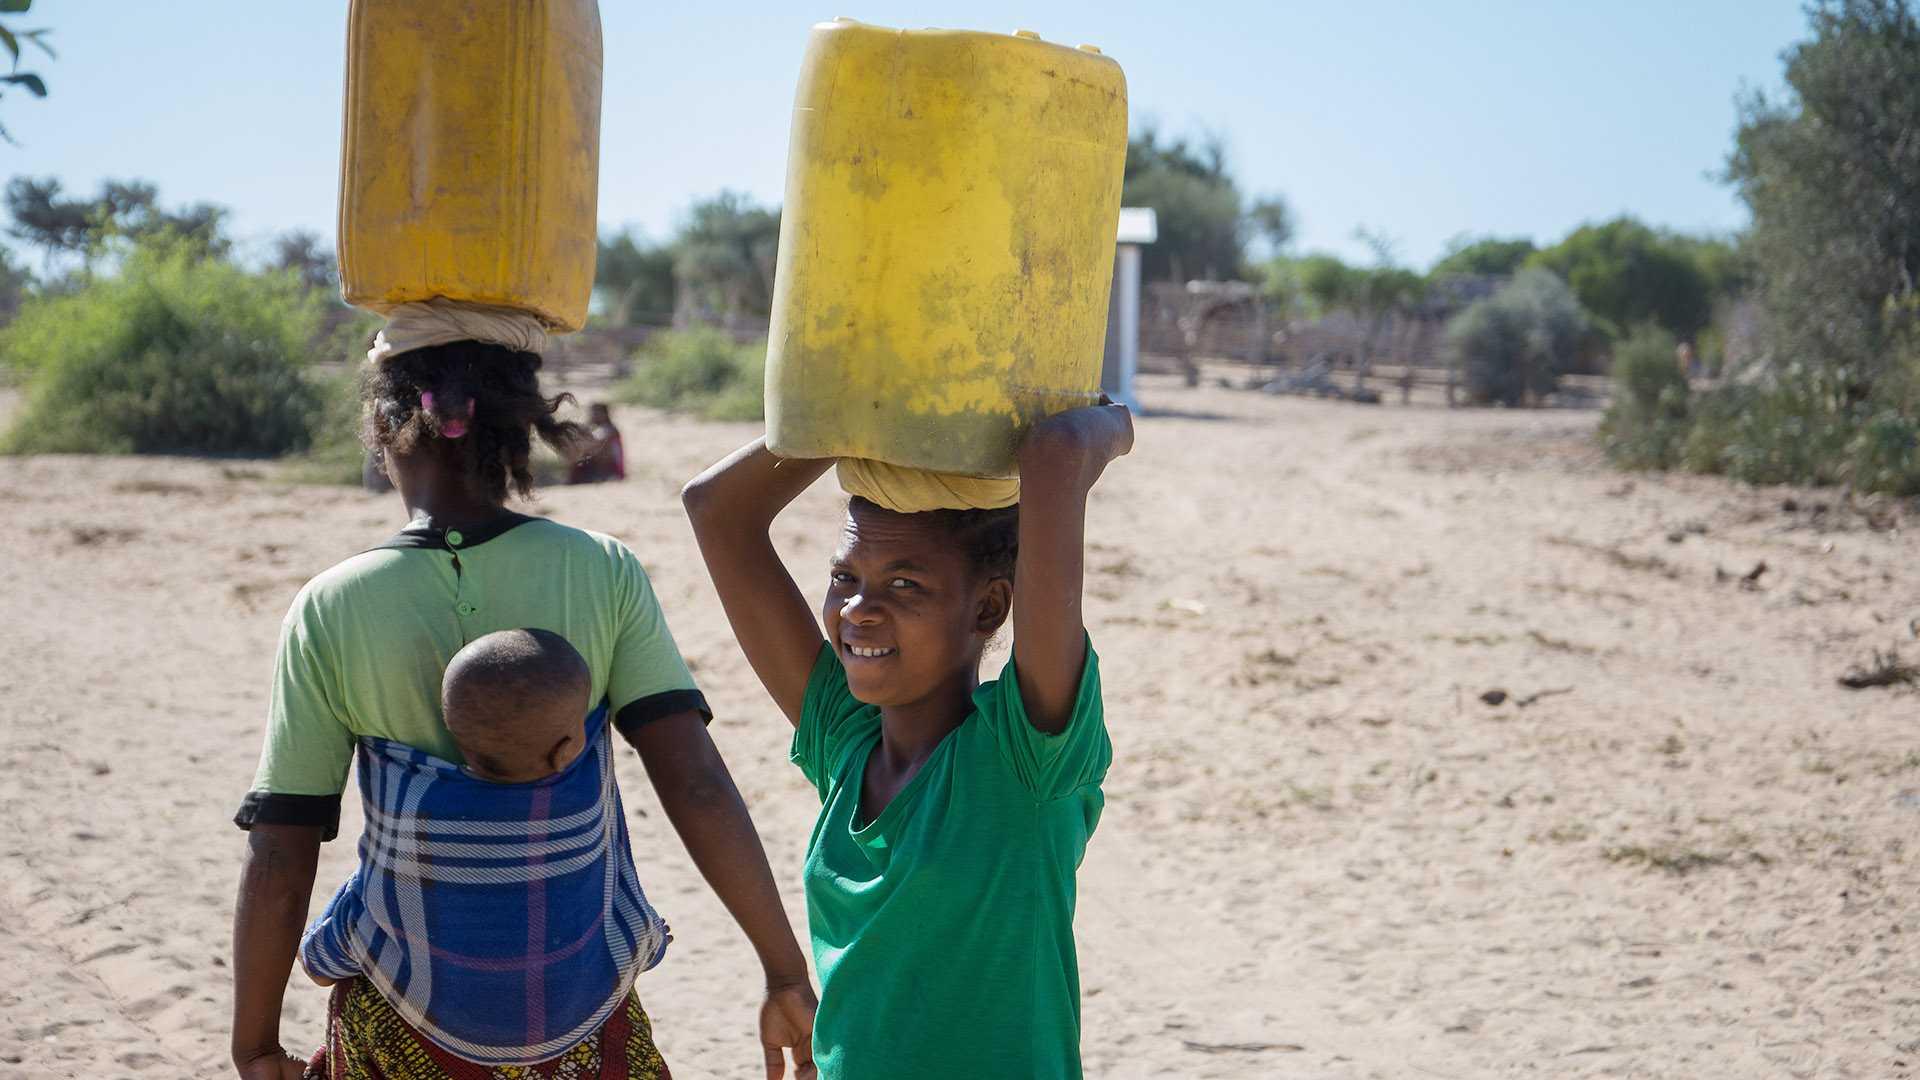 Madagaskar Klima Klimakrise Wasserknappheit: Menschen mit Kanistern